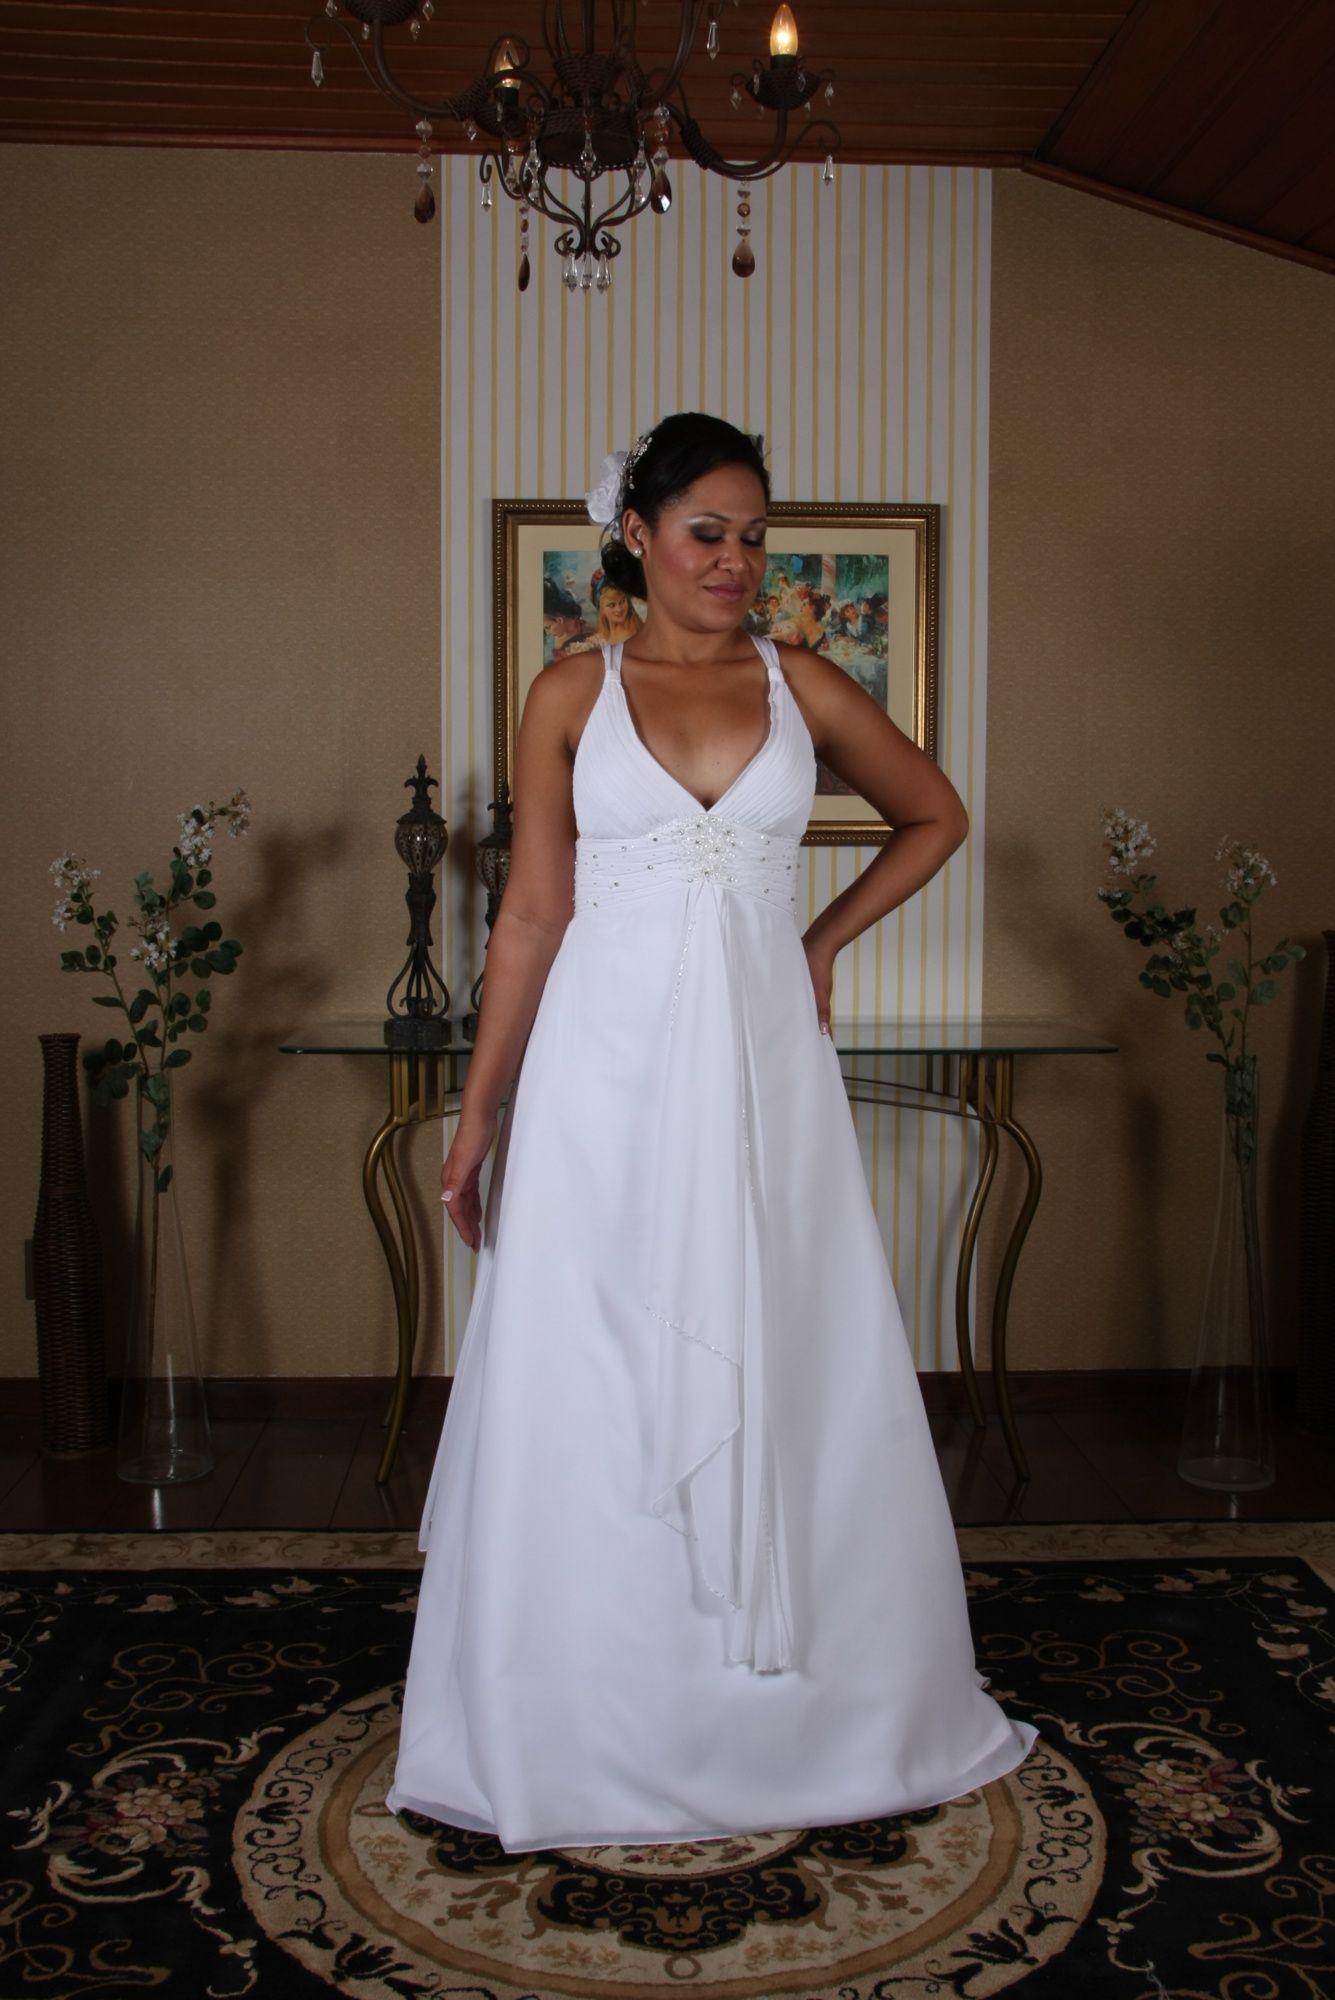 Vestido de Noiva Leve - 8 - Hipnose Alta Costura e Spa para Noivas e Noivos - Campinas - SP Vestido de Noiva, Vestido de Noiva Leve, Hipnose Alta Costura